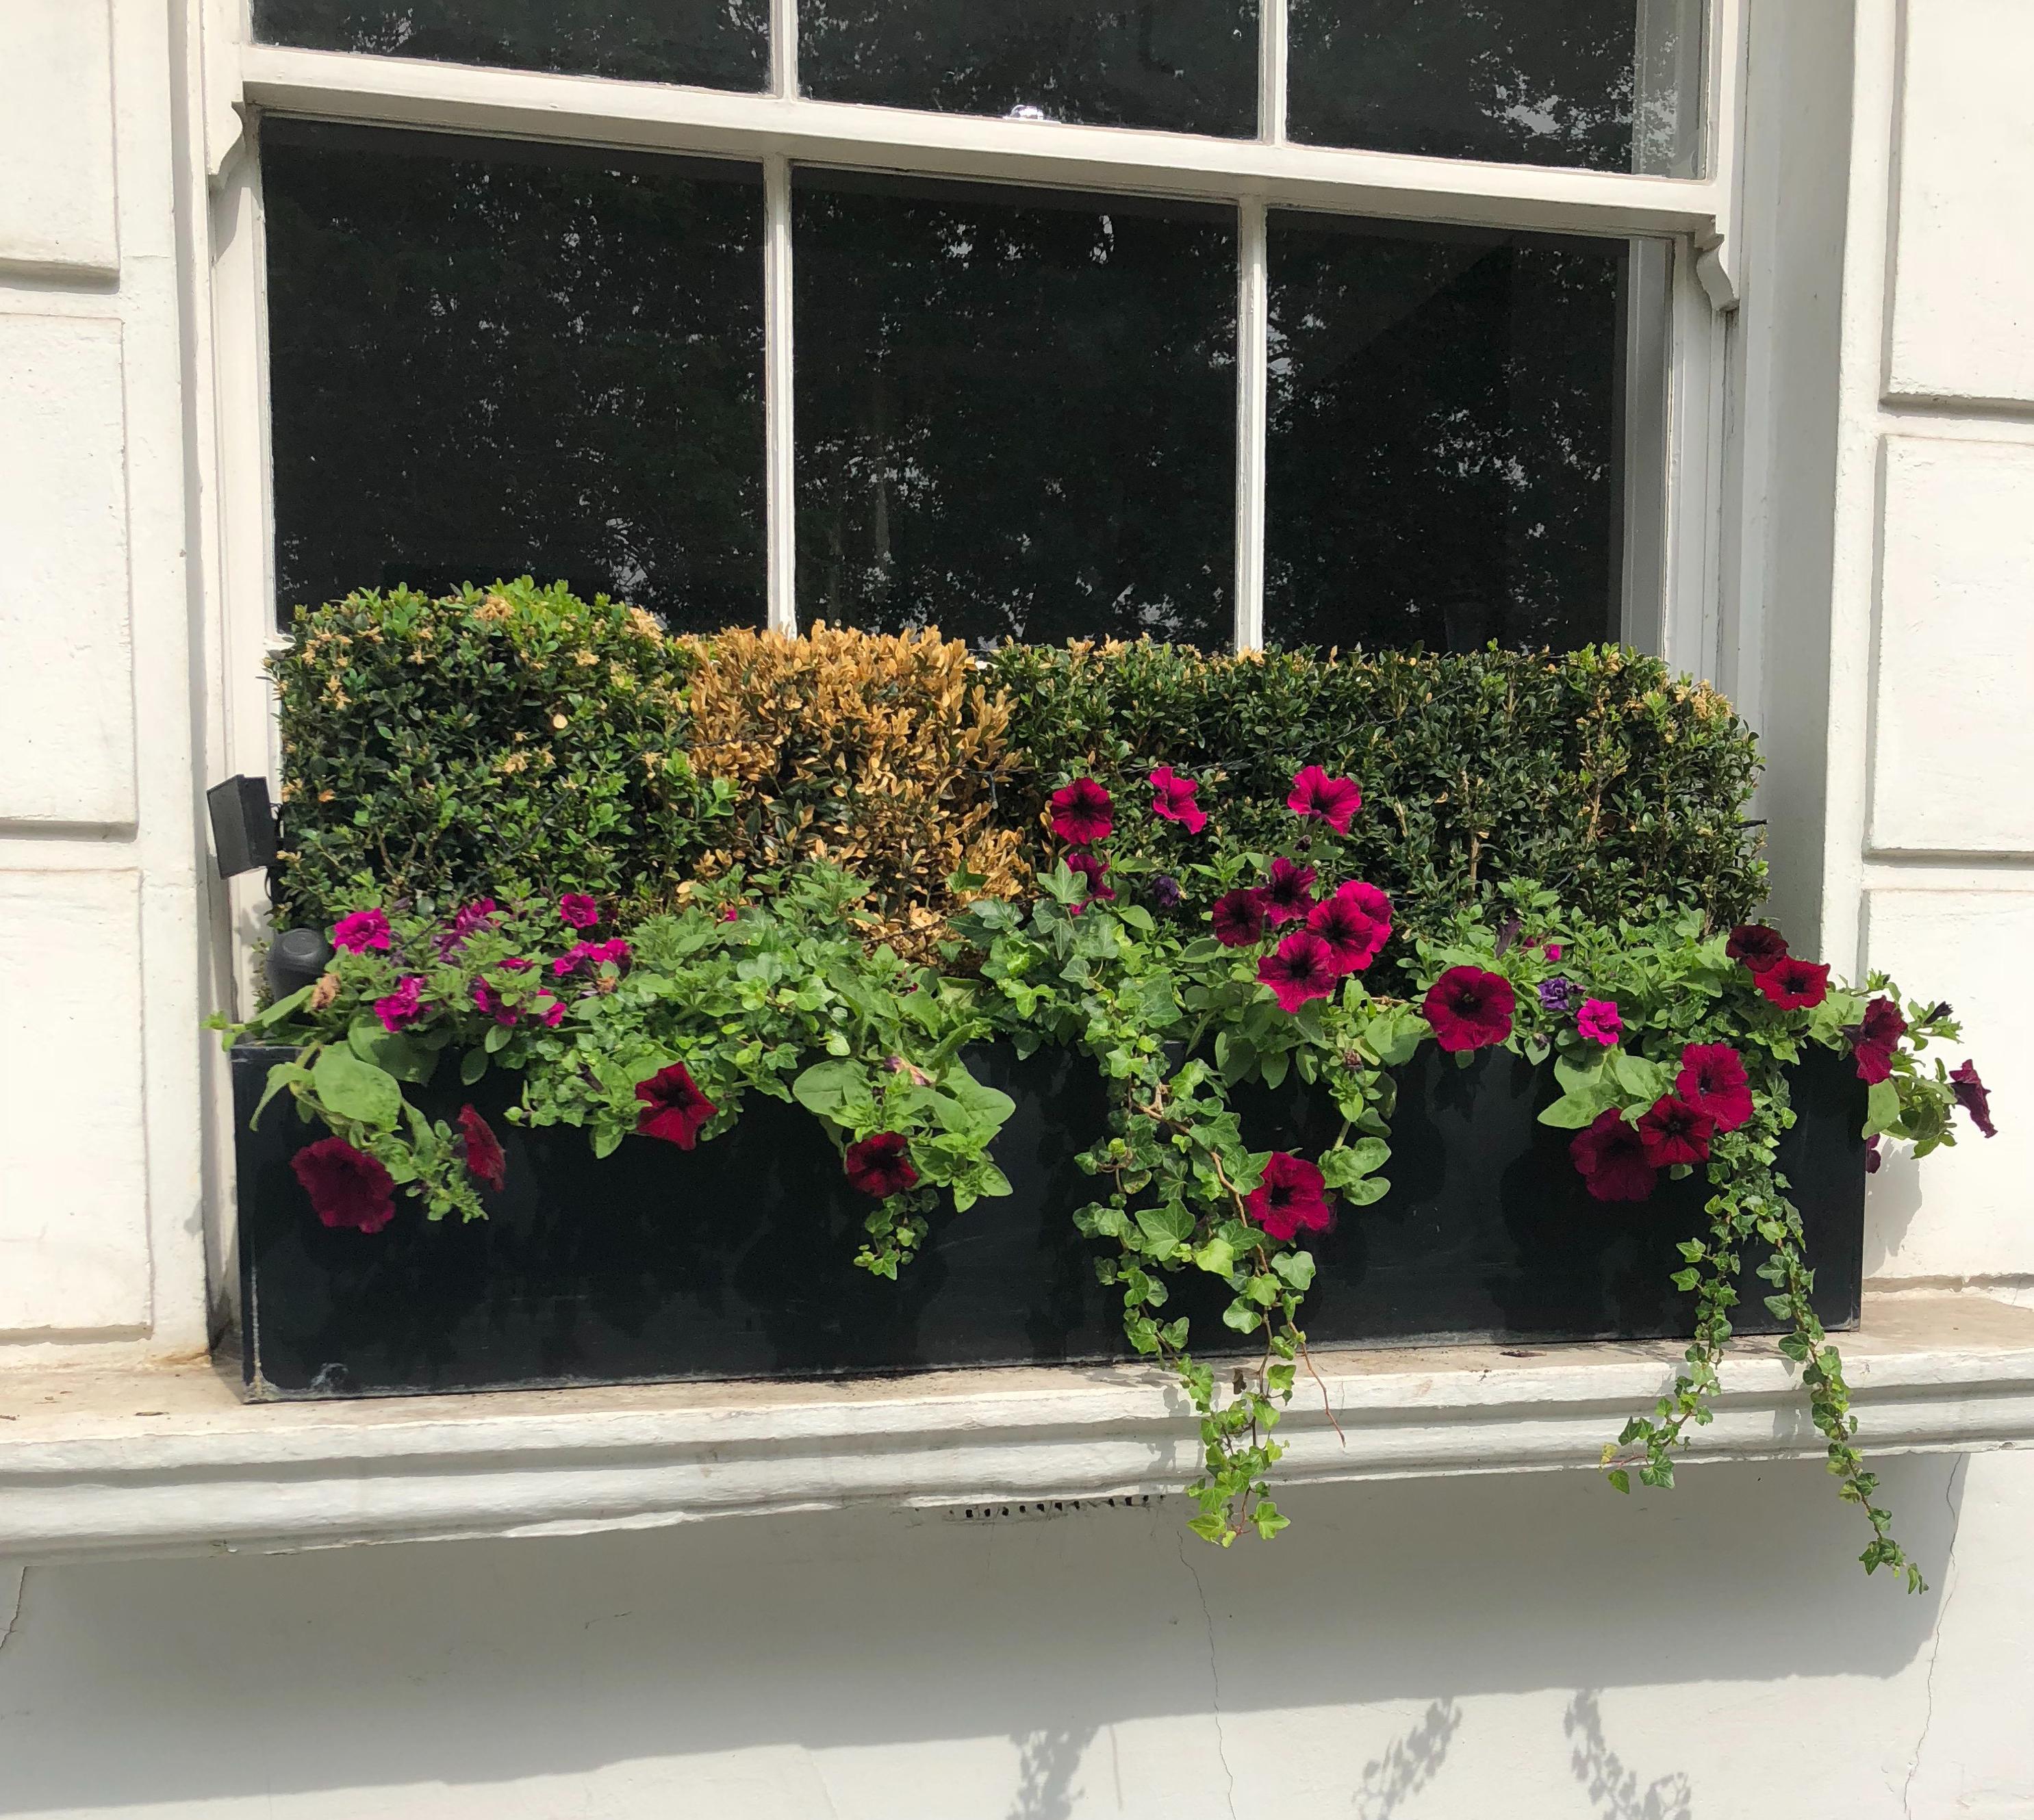 Chelsea windowboz